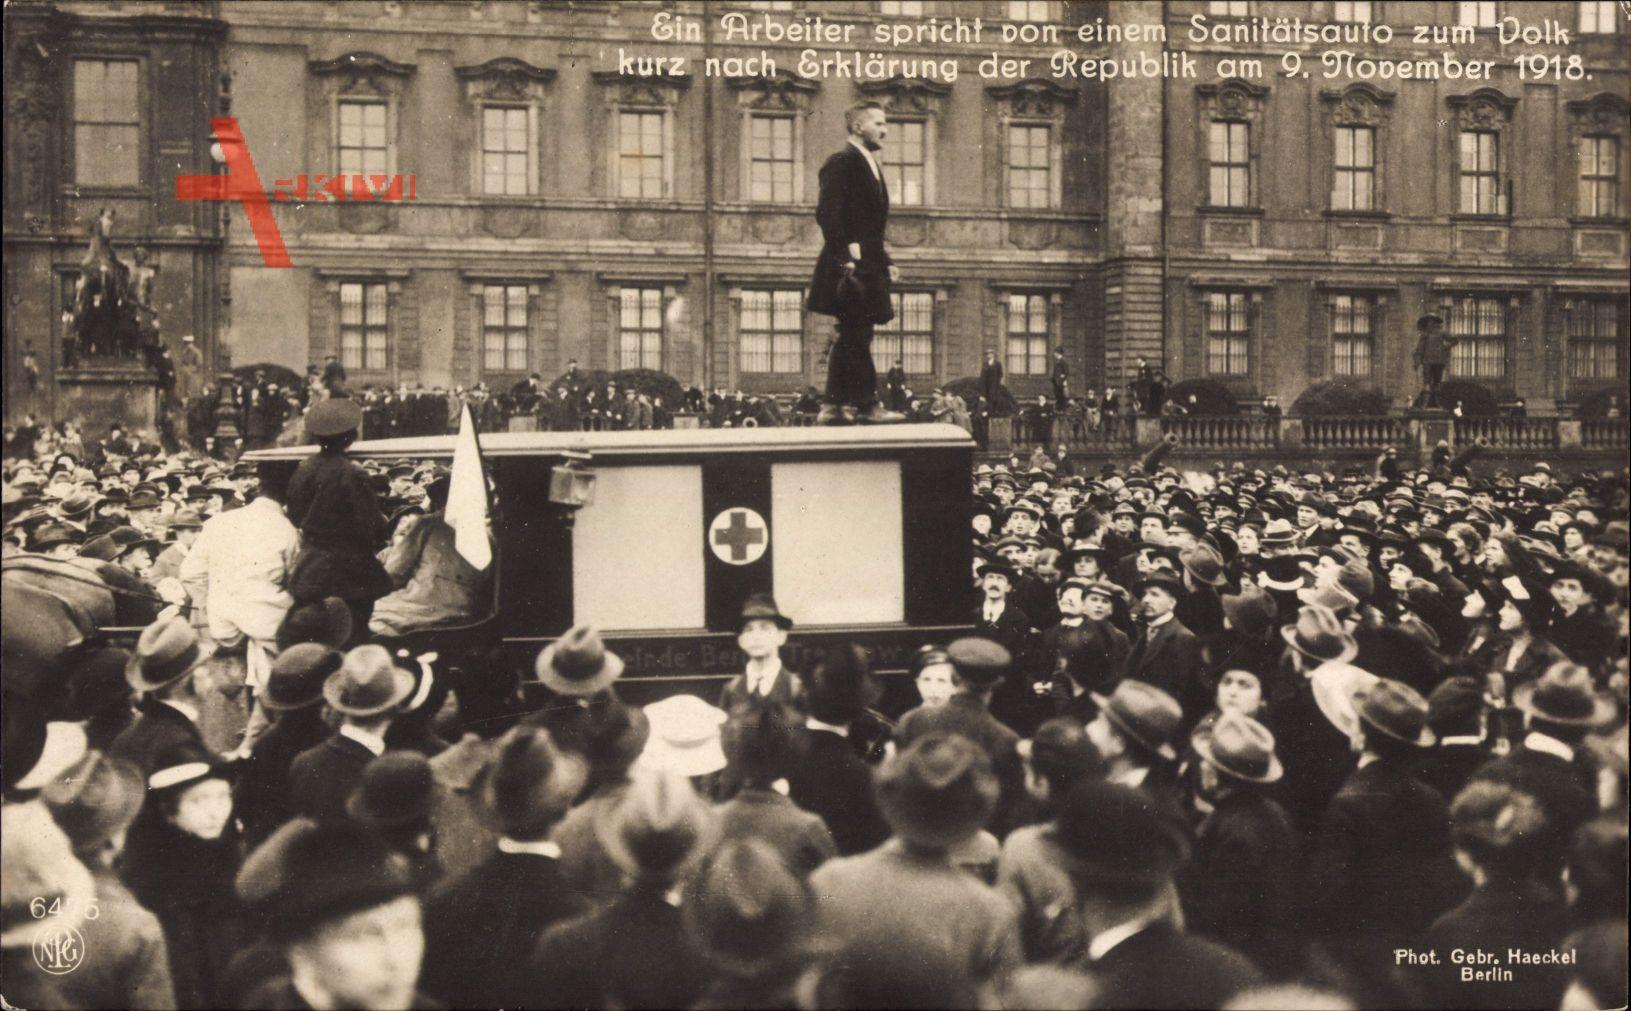 Berlin, Arbeiter spricht zum Volk, Sanitätsauto, 9 November 1918, NPG 6475